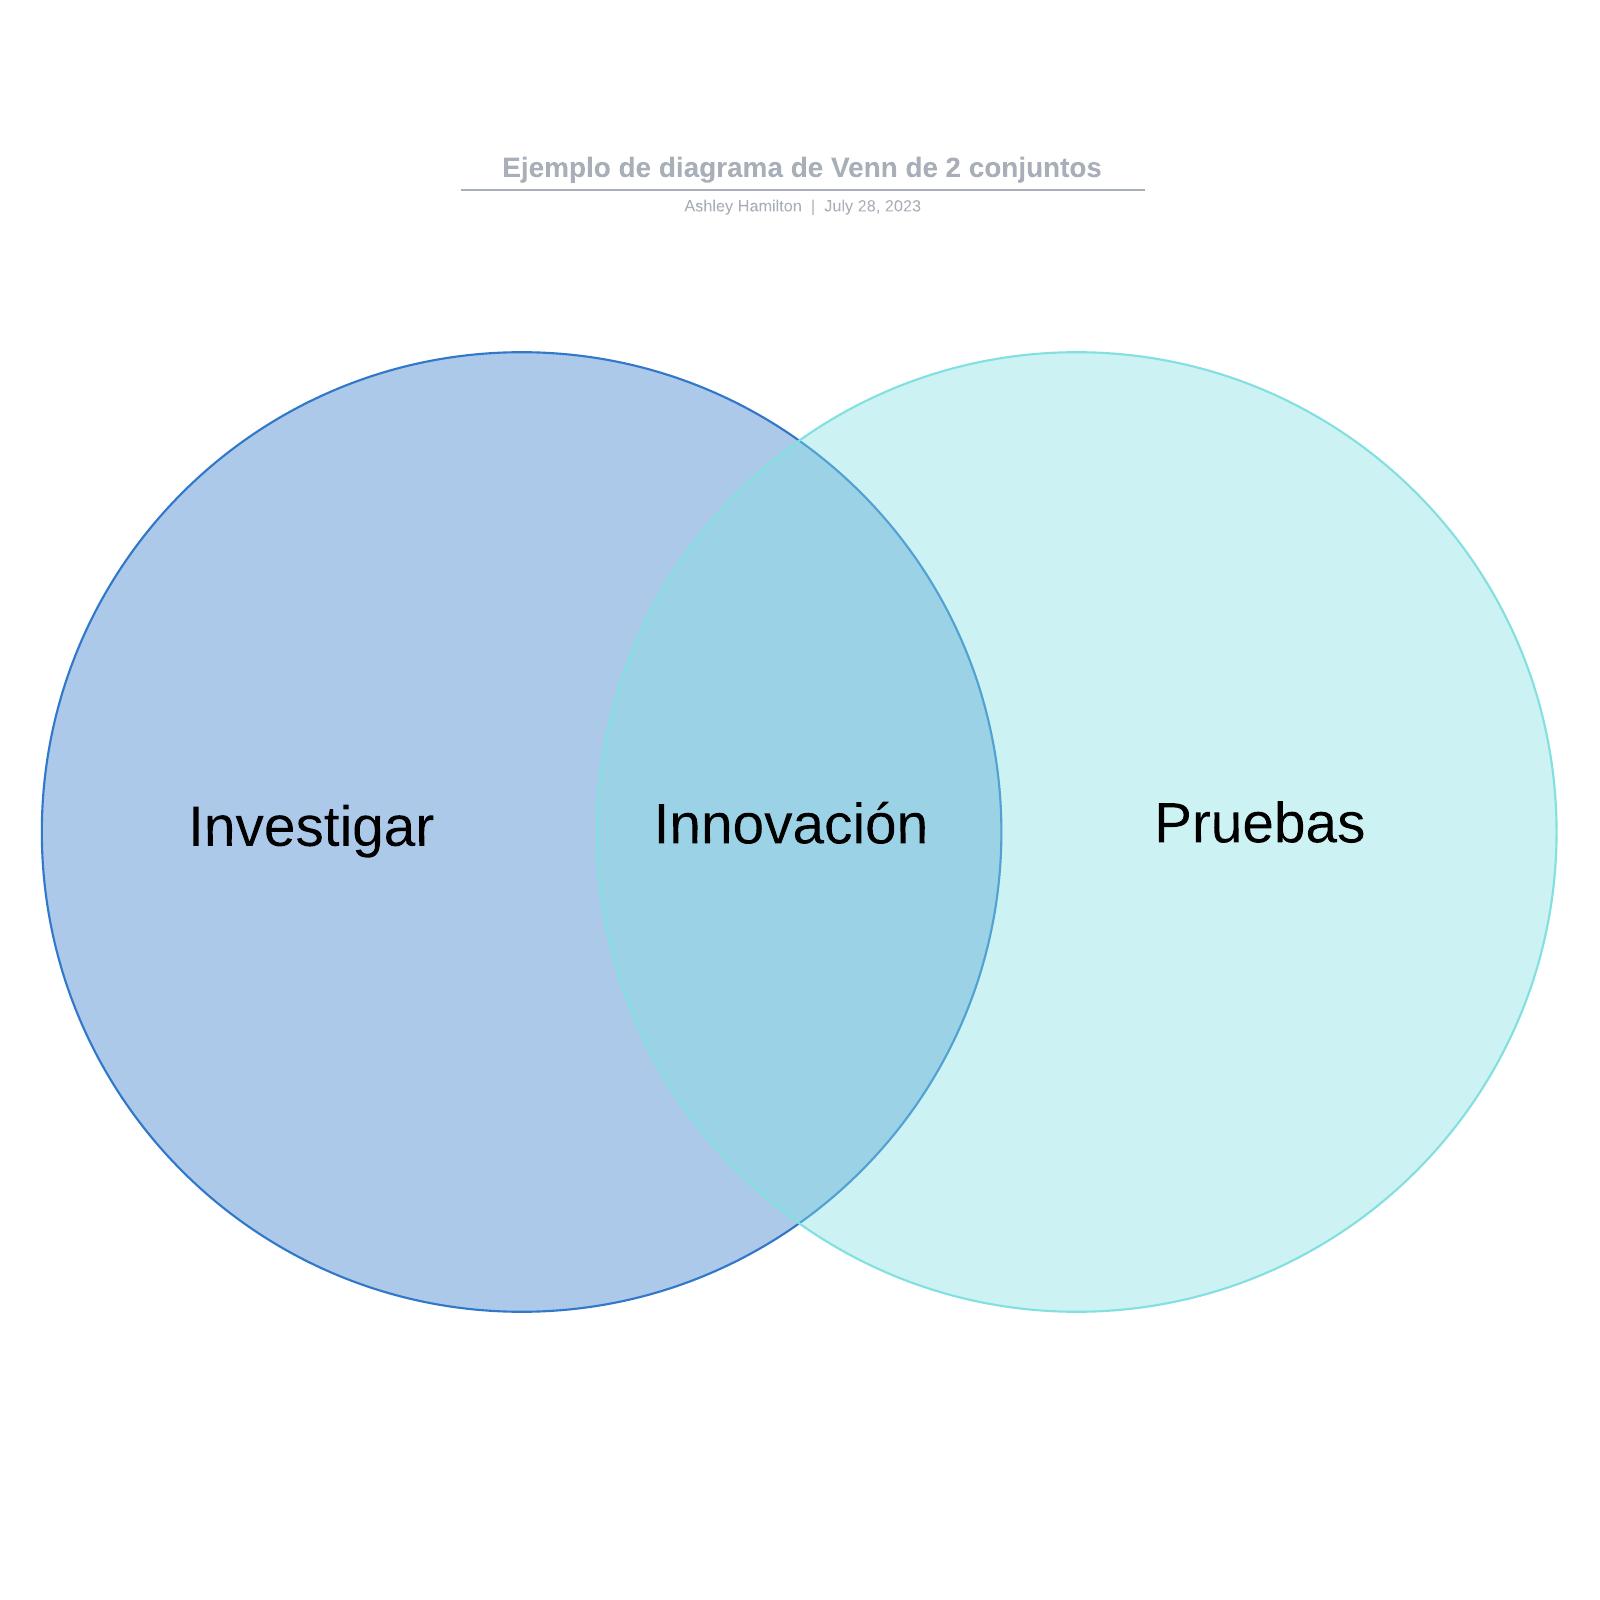 Ejemplo de diagrama de Venn de 2 conjuntos